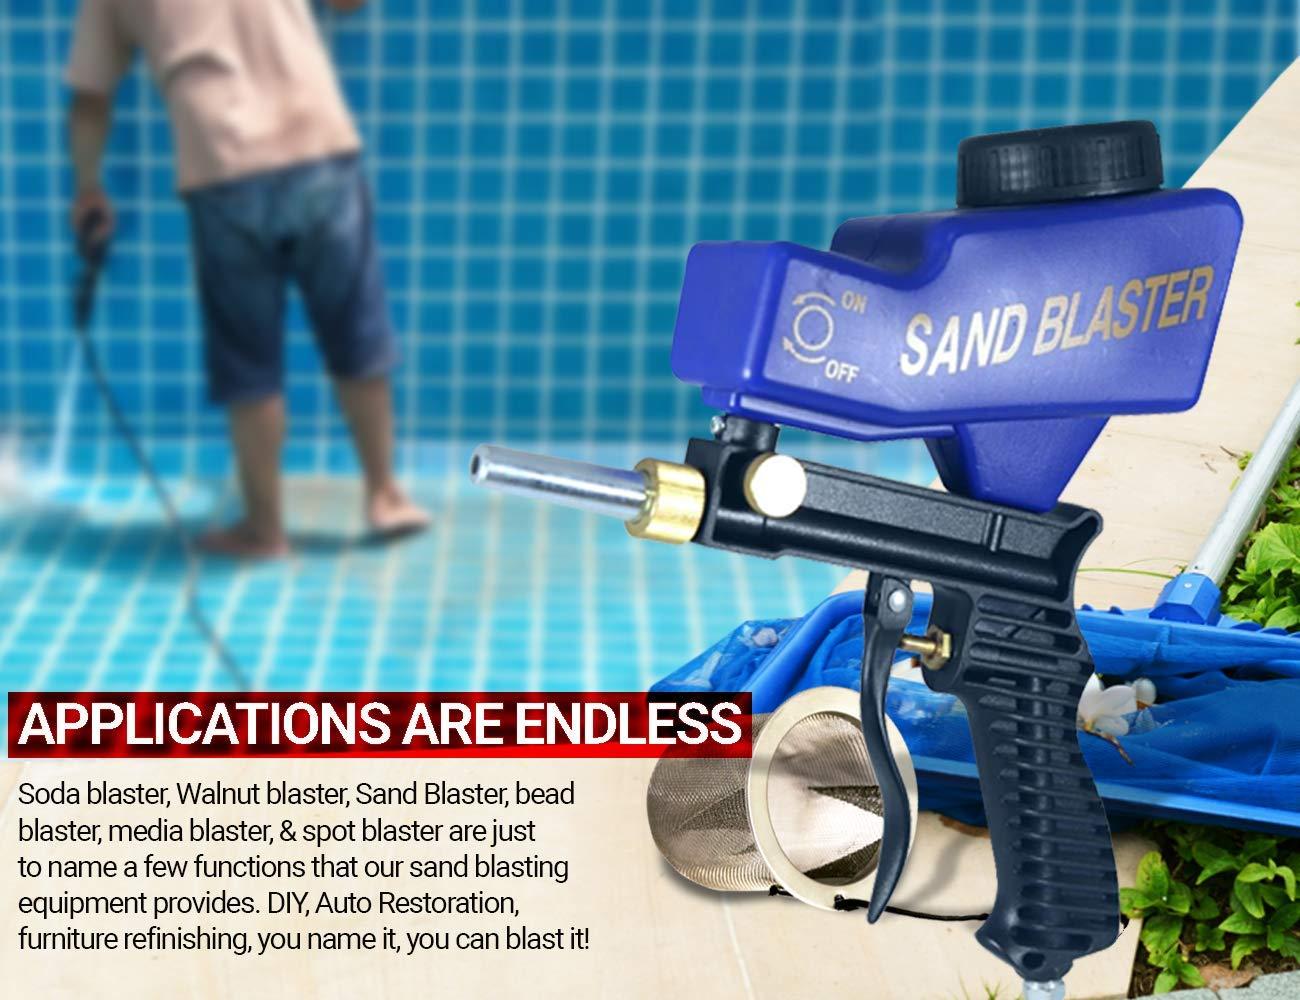 Soda Blaster, Sand Blaster Gun, Professional Sandblasting Gun, Portable Sand Blaster, Media Blaster Gun, Baking Soda Blasting Equipment.